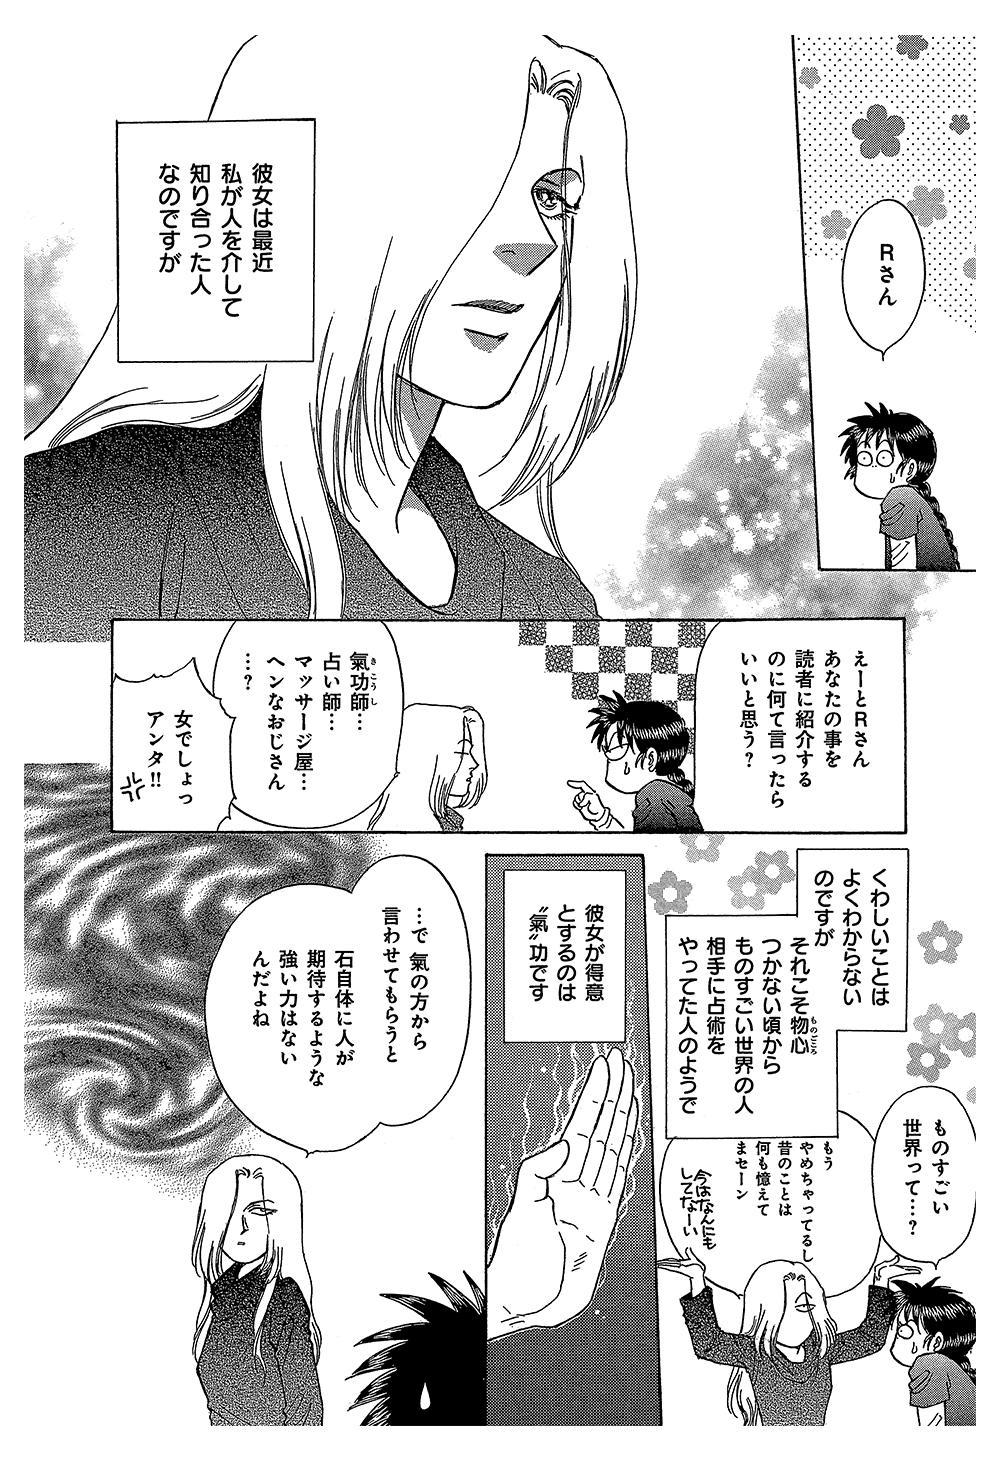 オカルト万華鏡 第1話 ②oka16.jpg